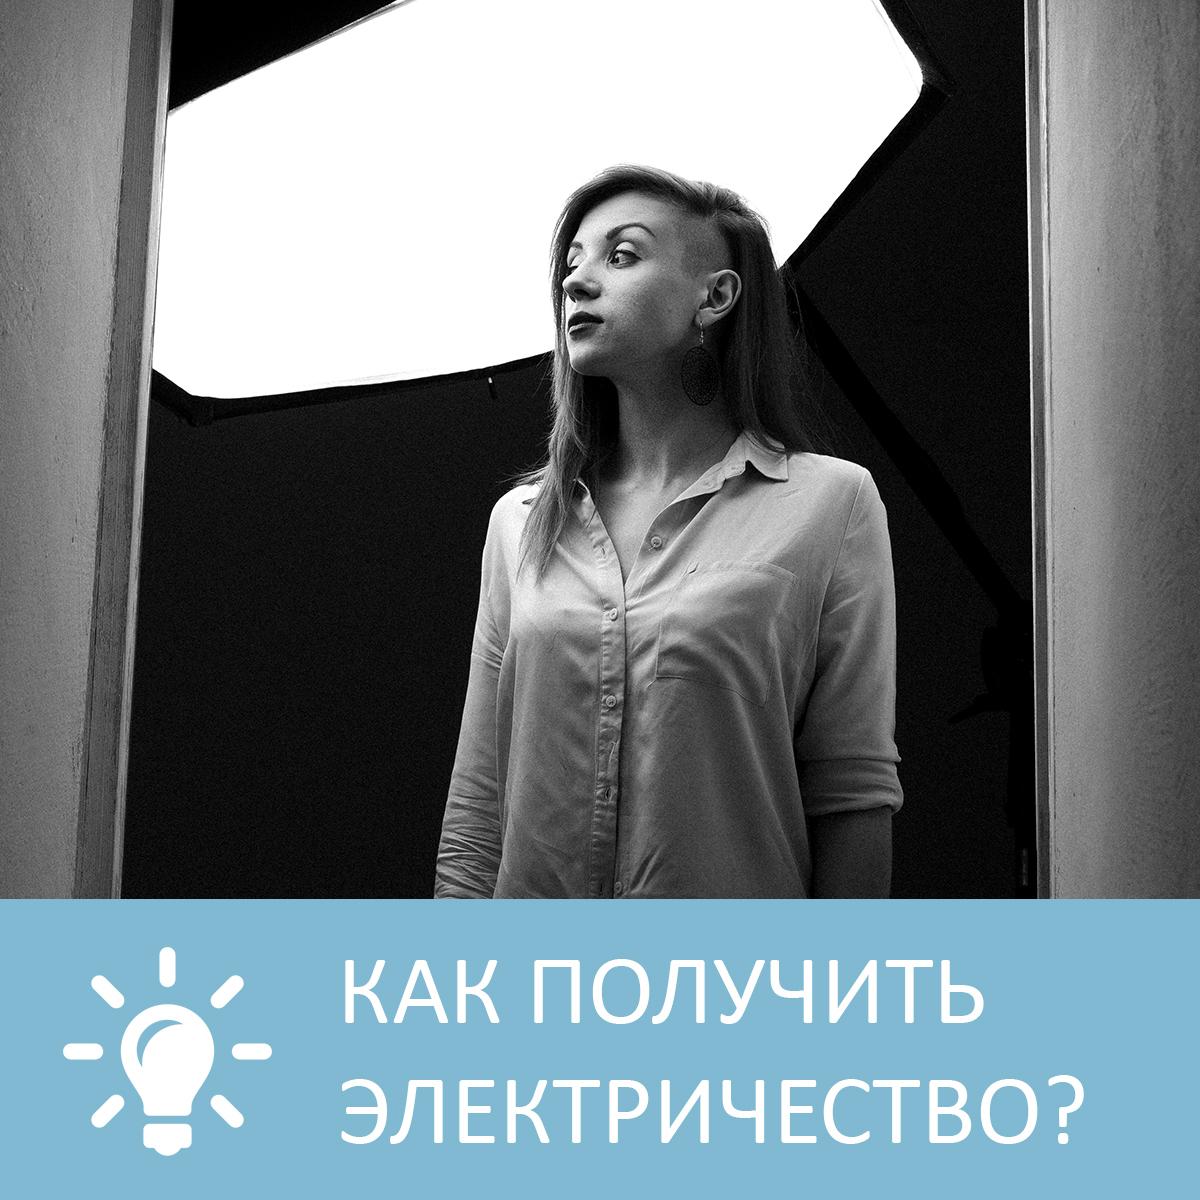 Петровна Как получить электричество 49